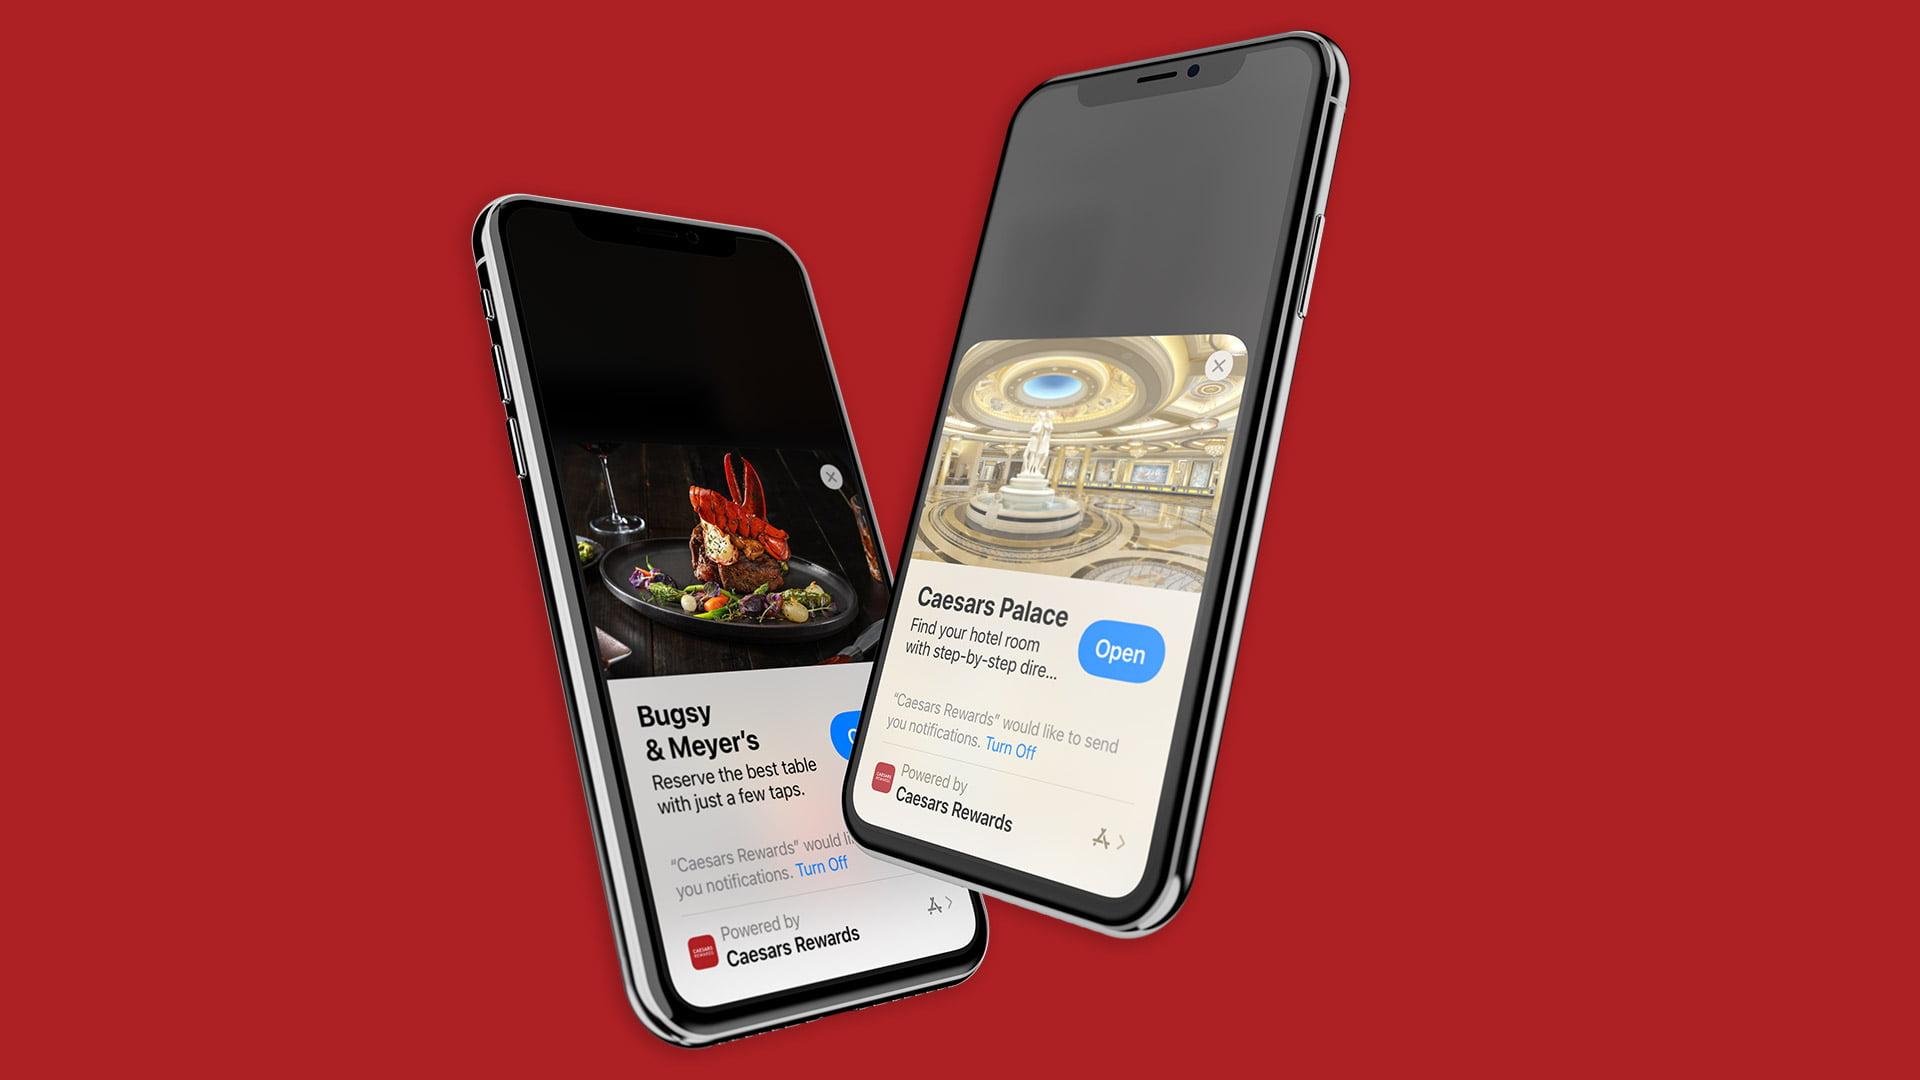 Bottle Rocket Launch Apple App Clip For Caesars Ent